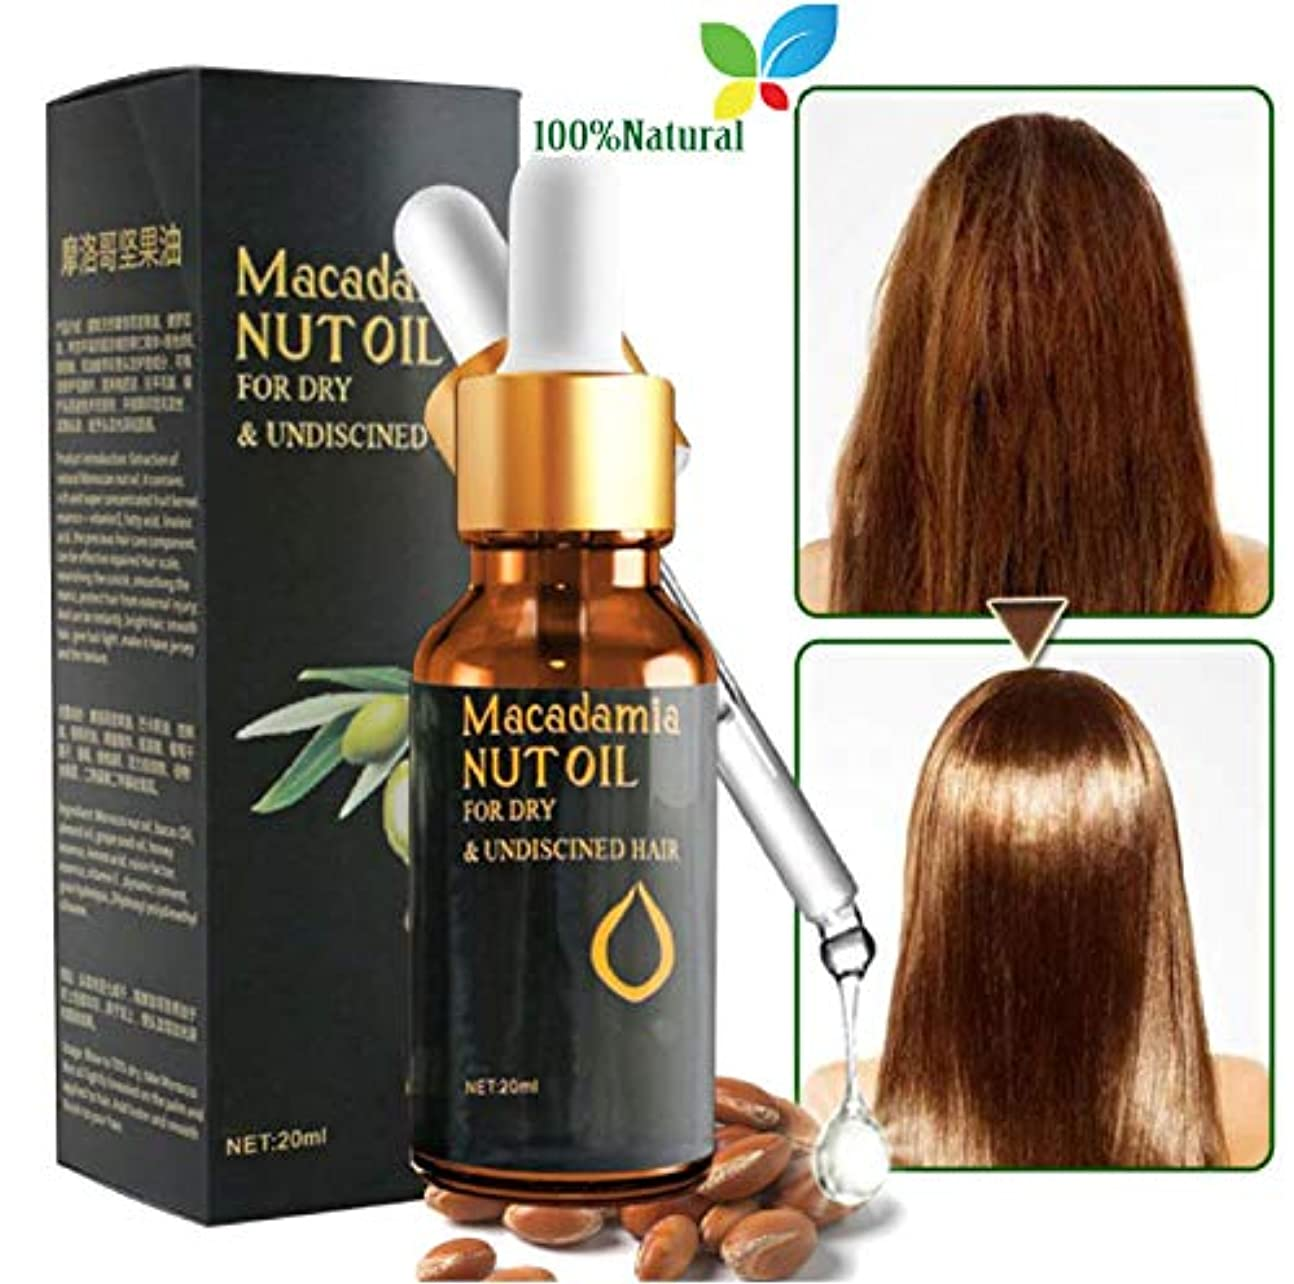 変位教養がある付録(3本)すばやく強力な発毛、ナチュラルエッセンシャルオイルリキッド、抜け毛防止、ヘアケア血清、男性と女性 Fast Powerful Hair Growth, Natural Essential Oil Liquid,...